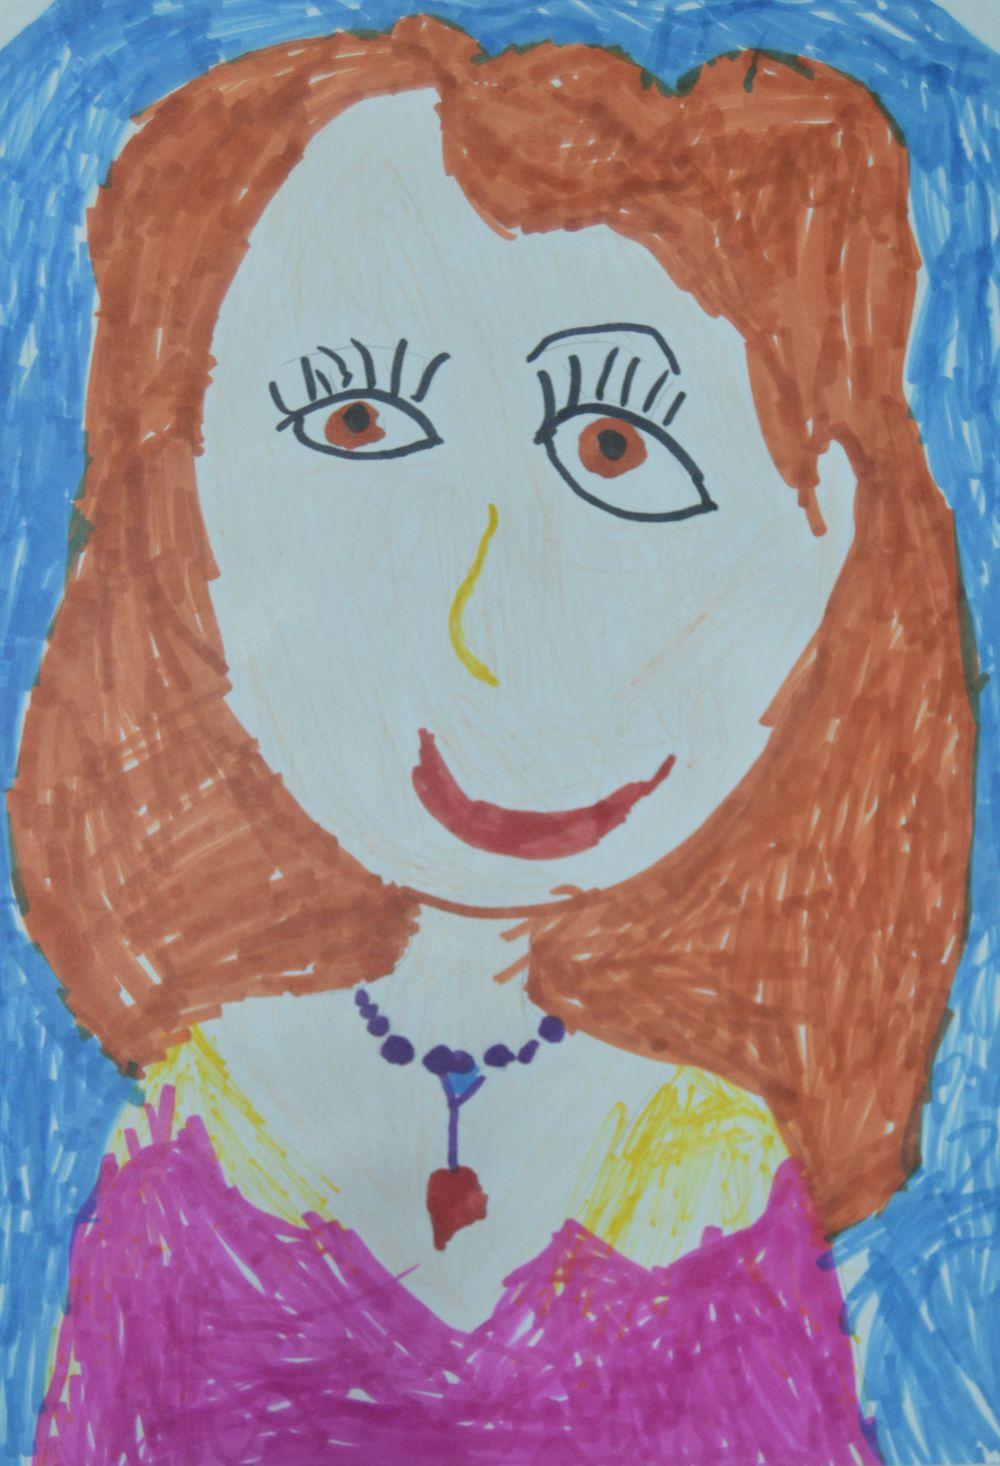 Участник №41. «Мою маму зовут Света. У нее длинные волосы и черные как угольки глаза. Она вкусно готовит нам с папой пироги. Моя мама лучшая на свете. Она мой самый лучший друг».